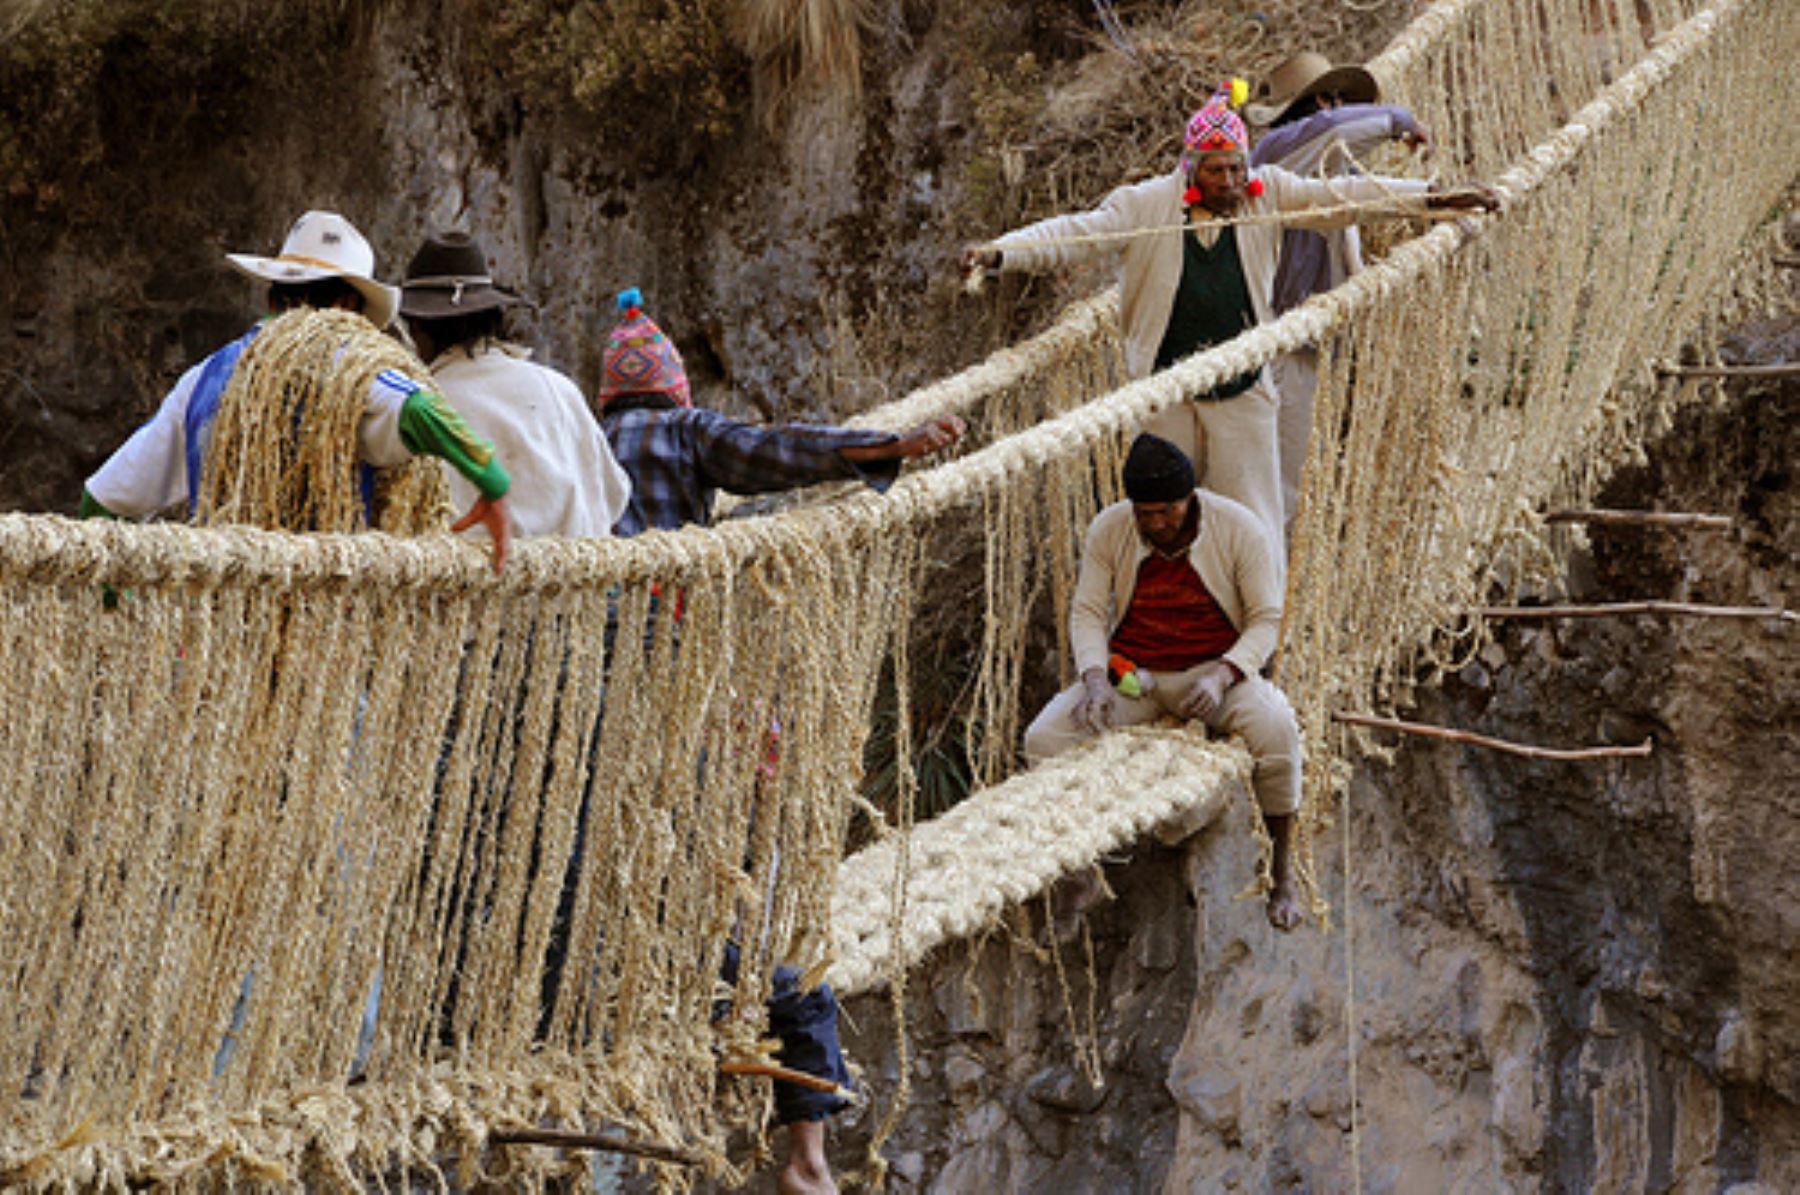 Reparación del puente Qeshuachaca, en Cusco.